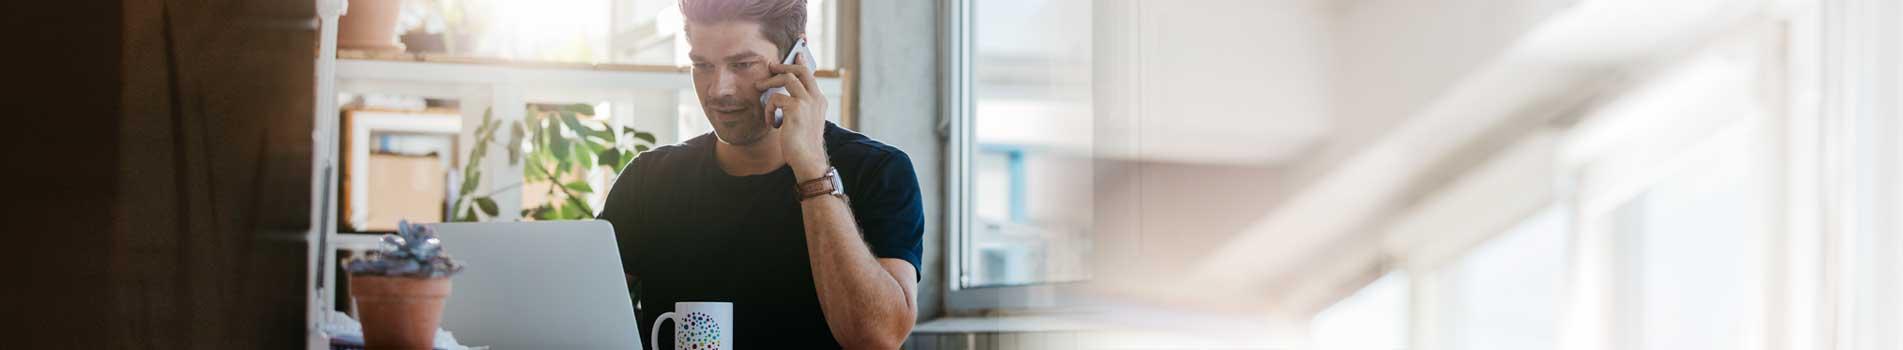 Homme au téléphone devant son ordinateur